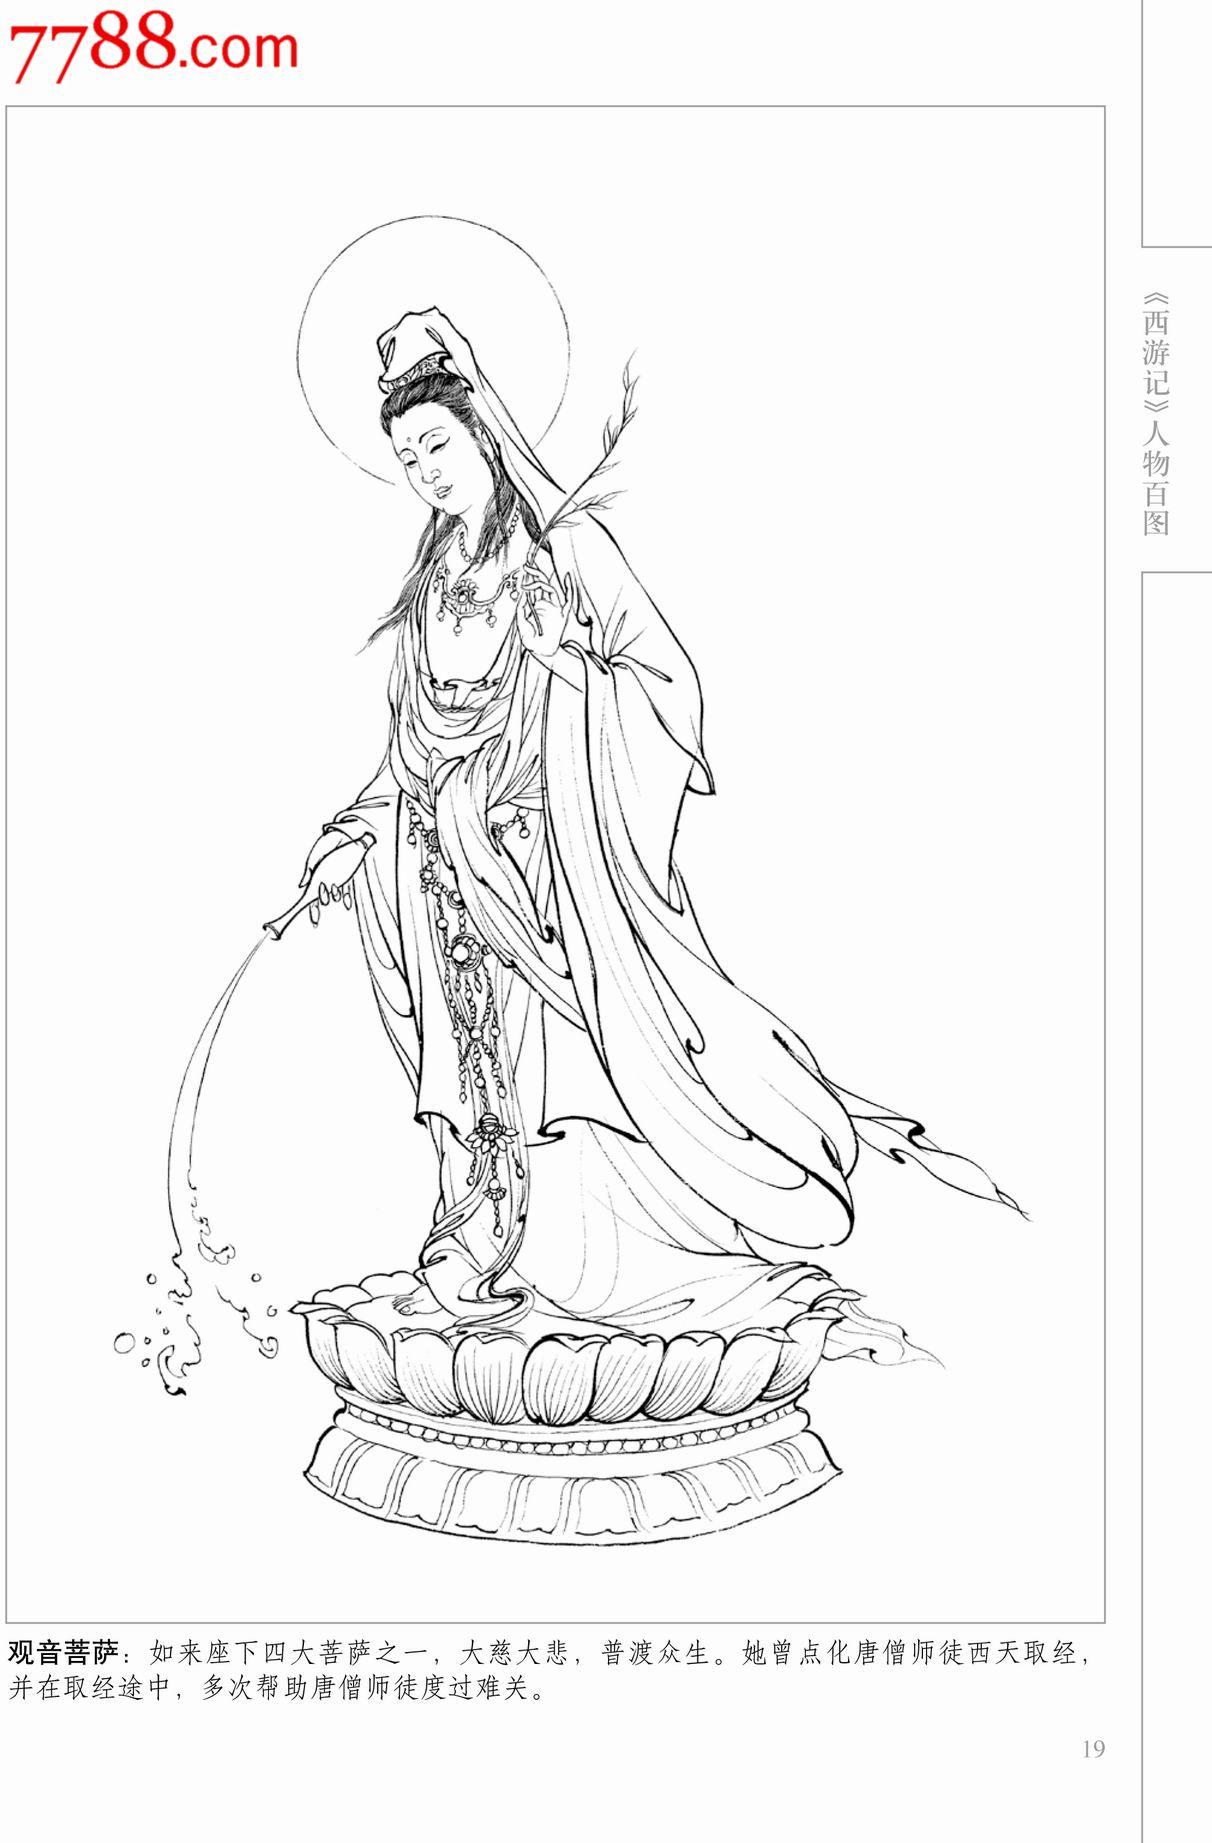 中国画线描:《西游记》人物百图